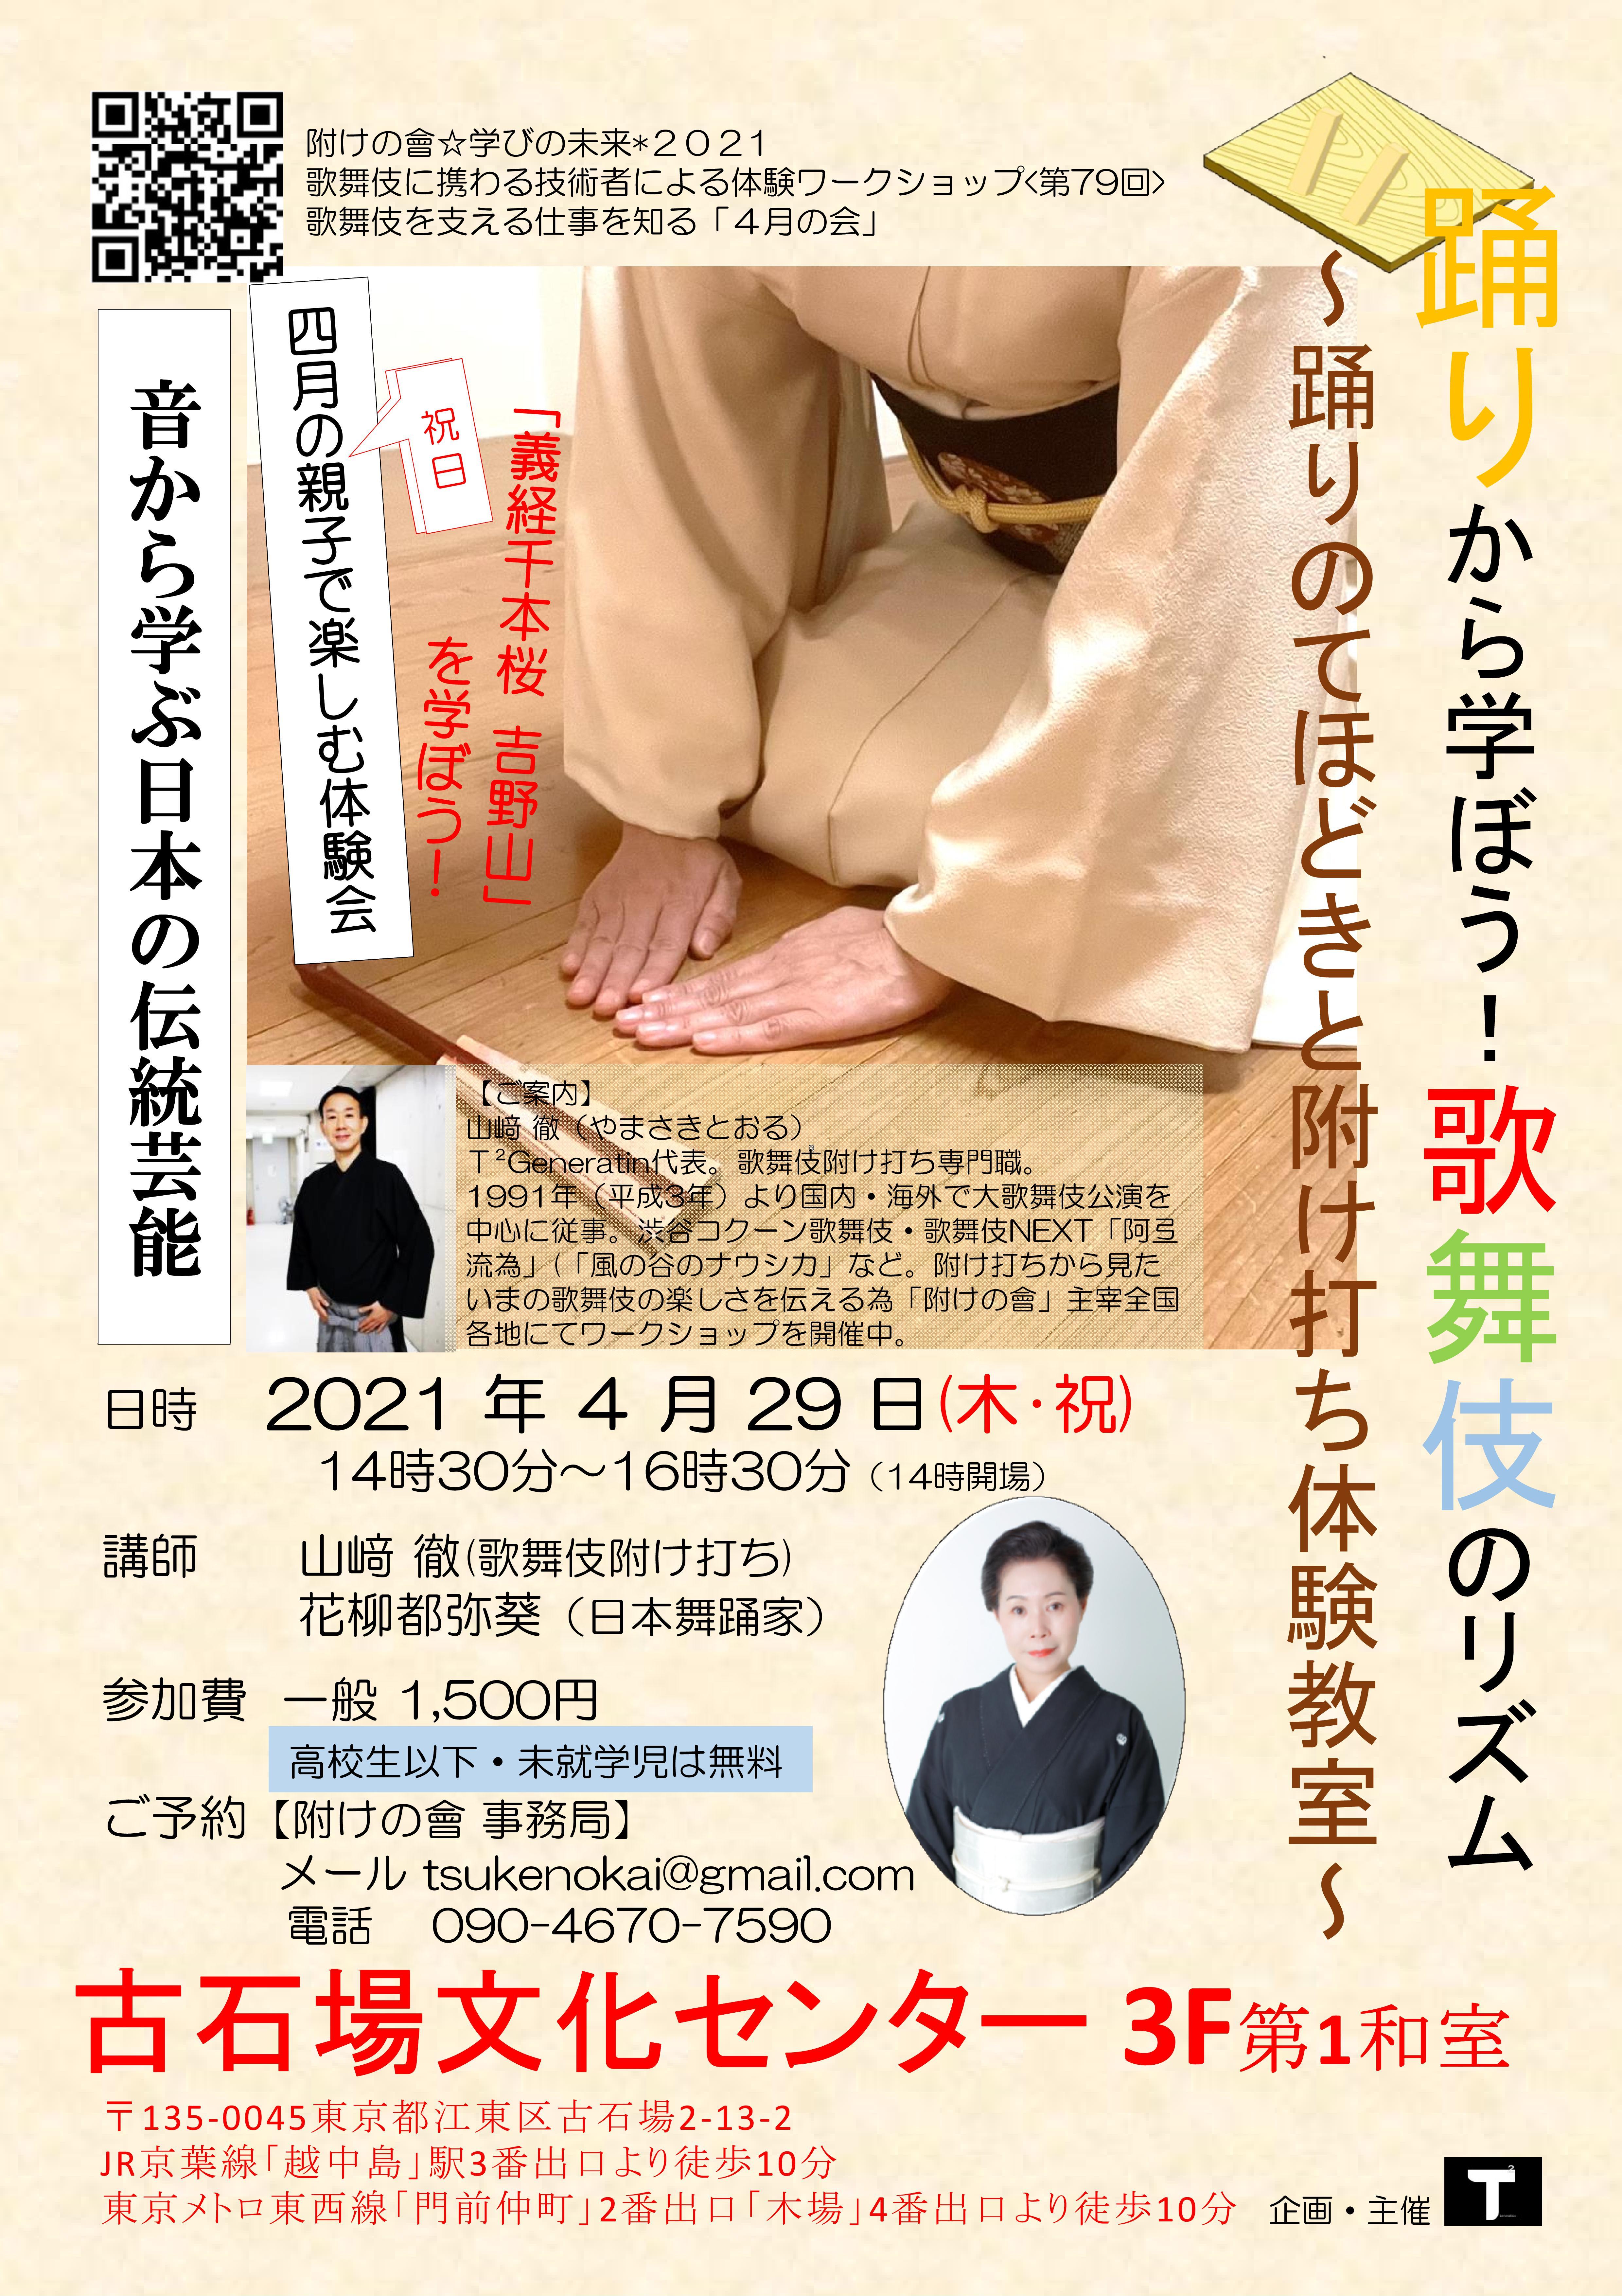 <親子で楽しむ!>踊りから学ぼう歌舞伎のリズム 令和3年4月東京